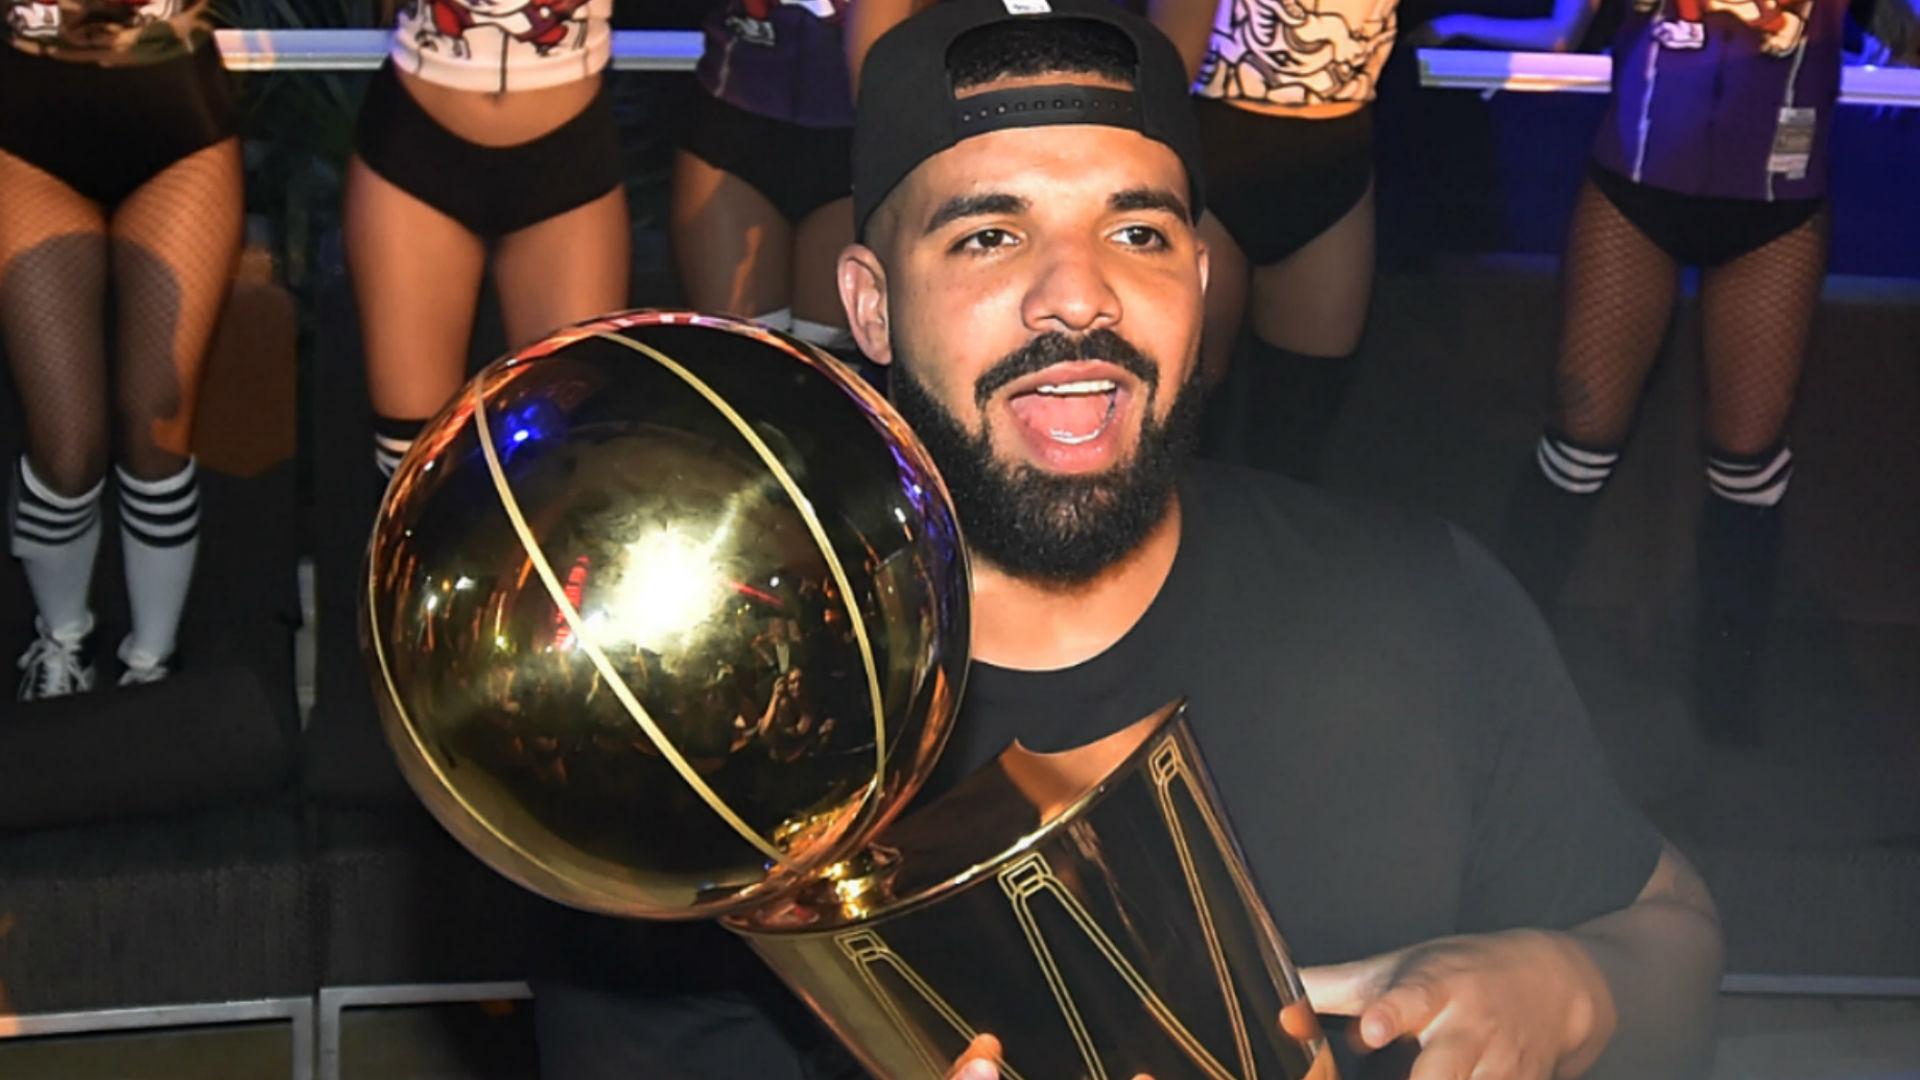 New Drake meme goes viral during NBA playoffs 1